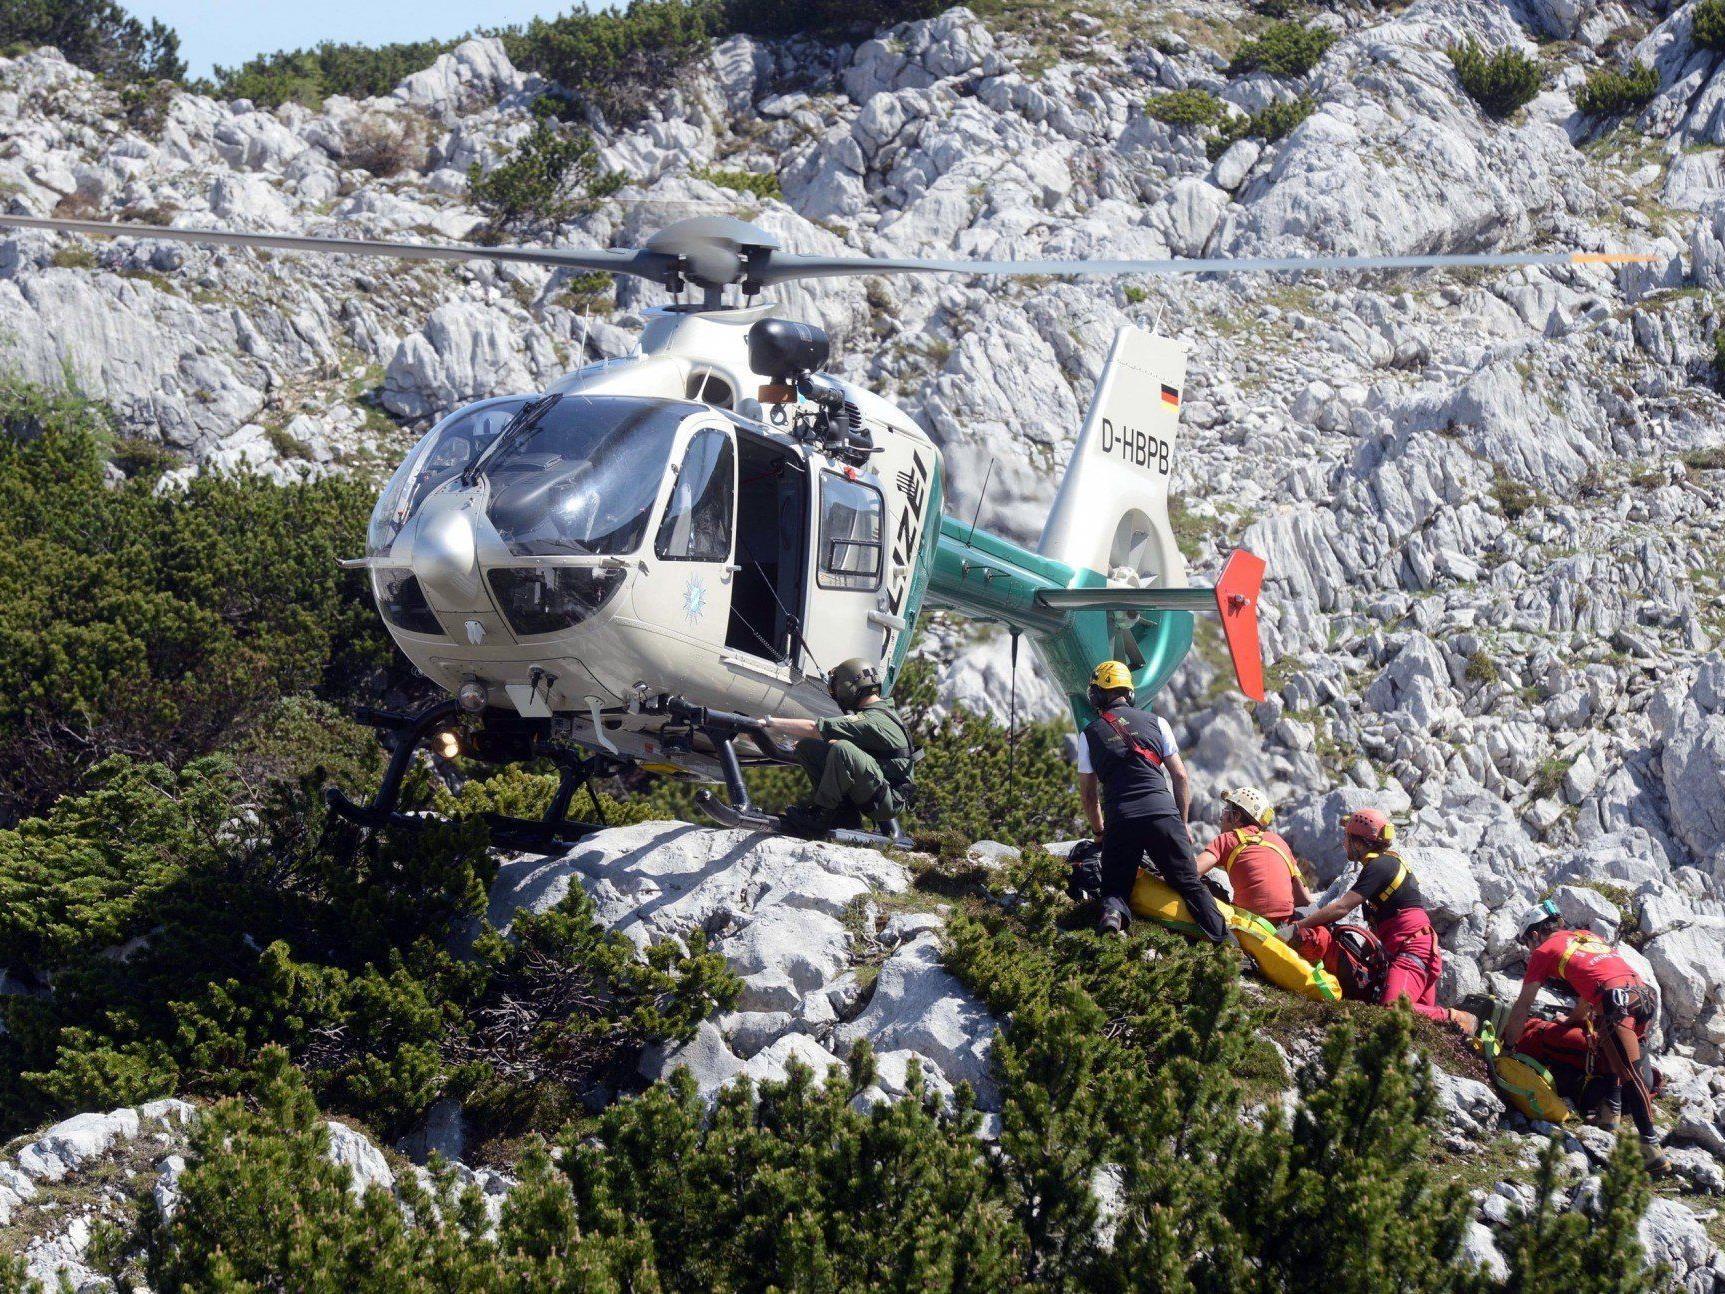 Am Untersberg sind zahlreiche Rettungskräfte im Einsatz.